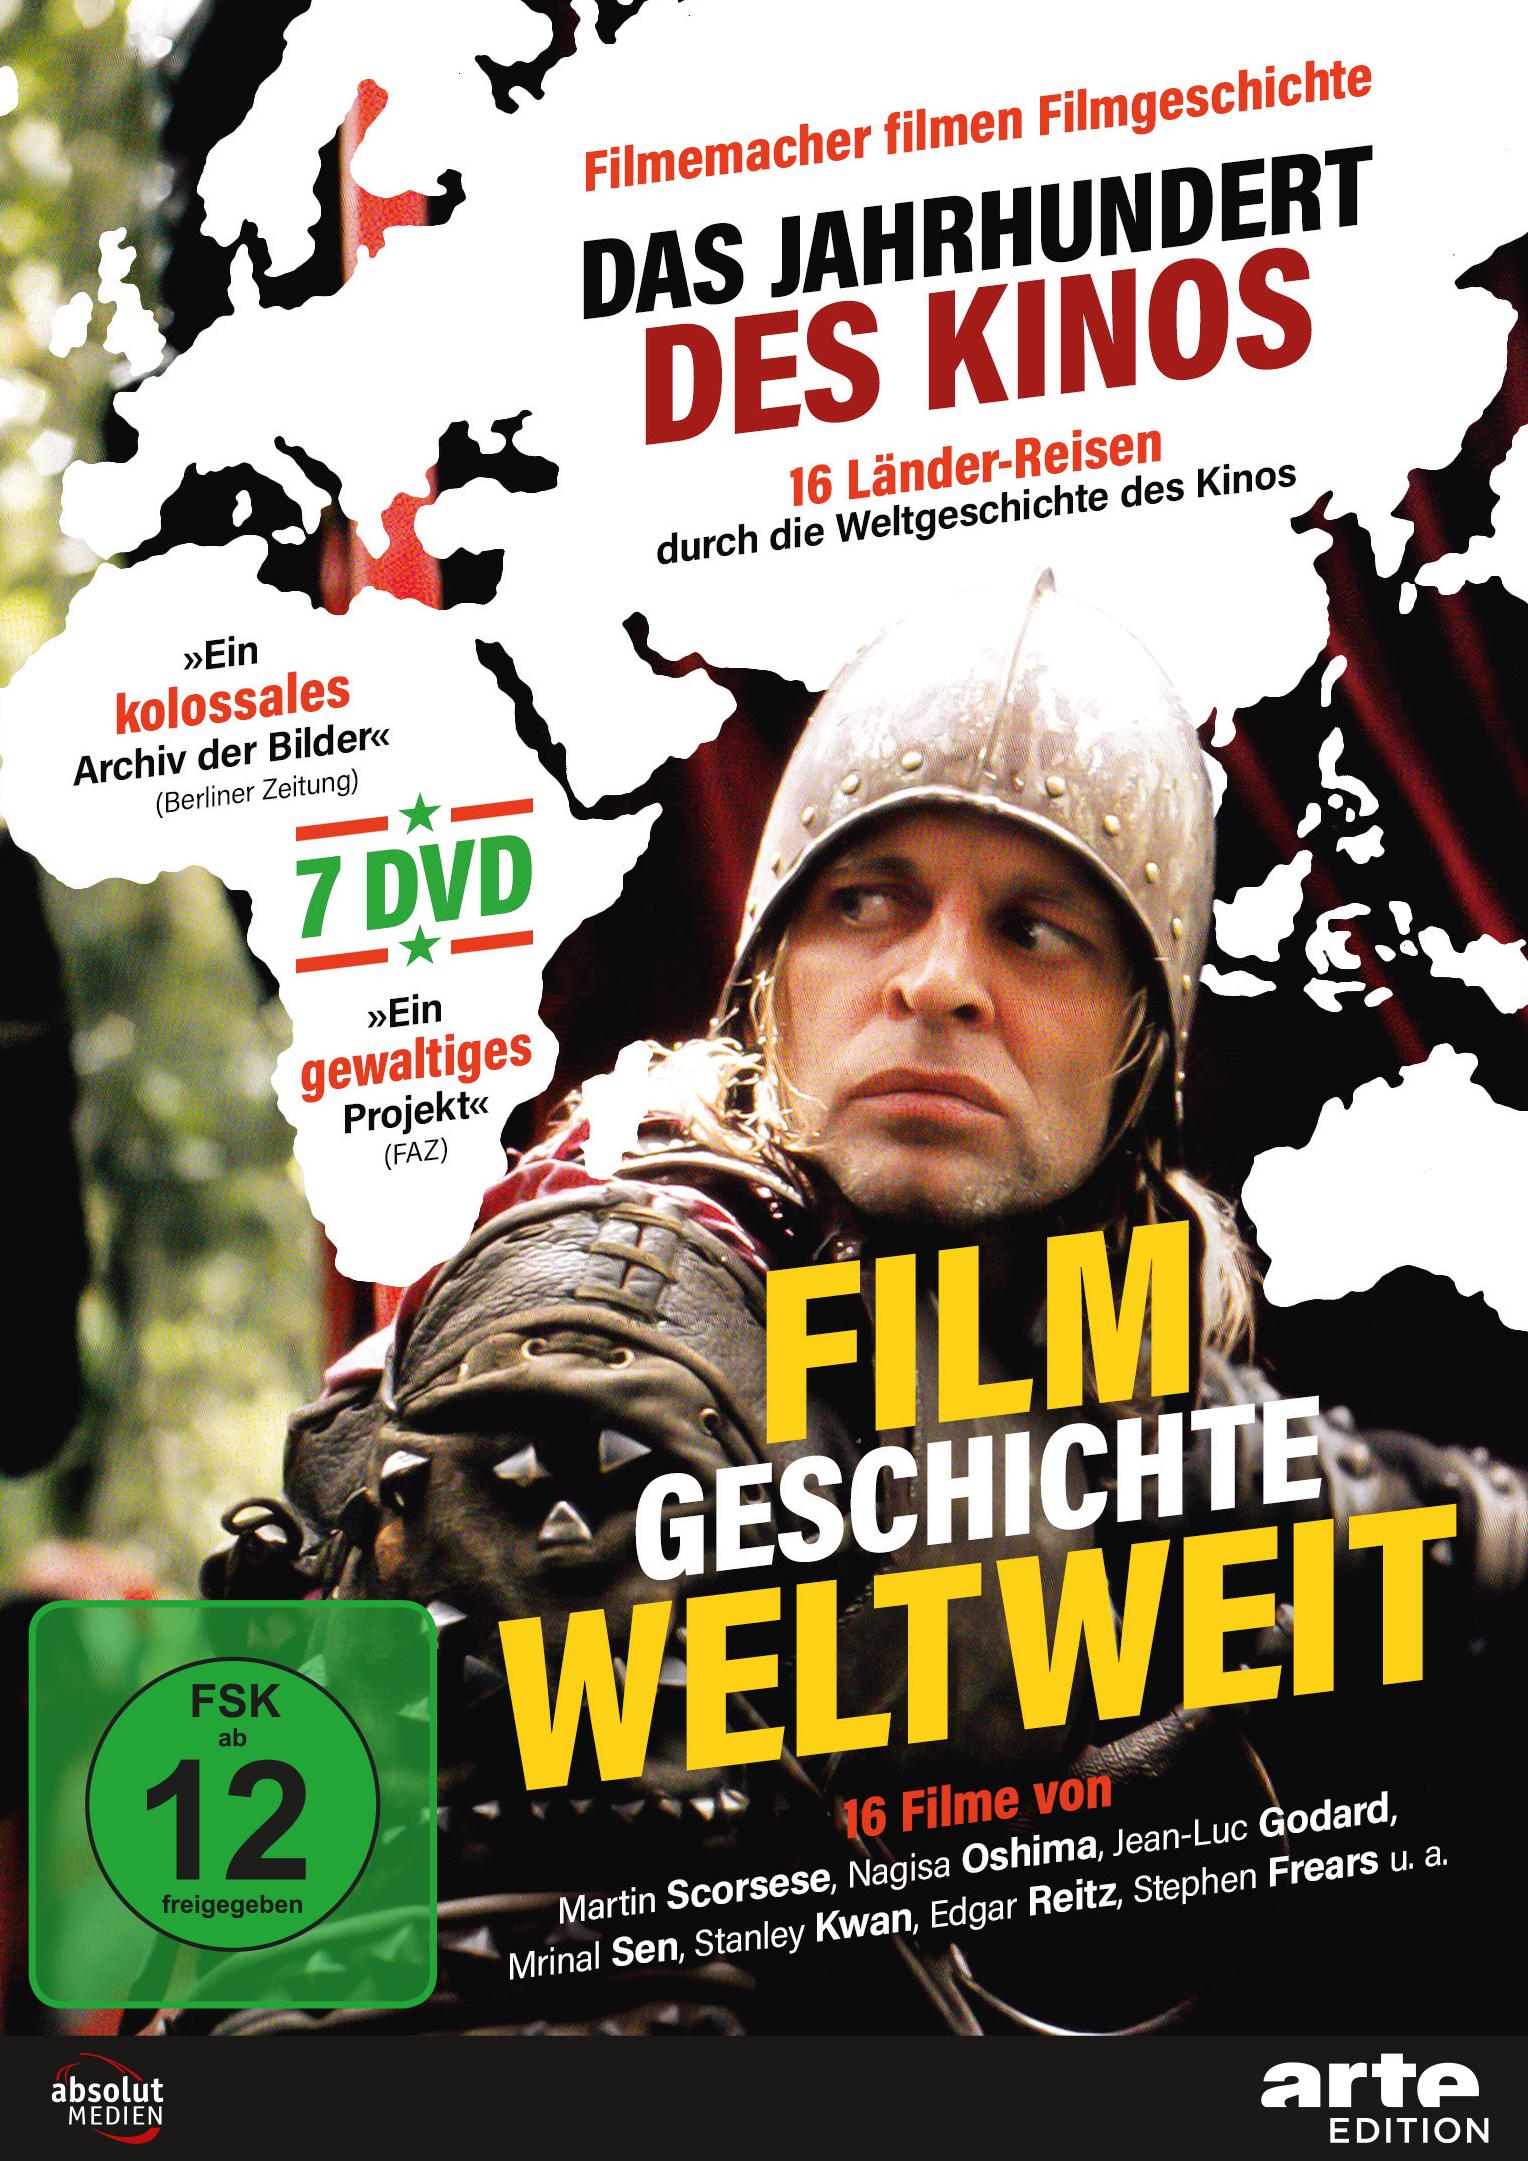 Filmgeschichte weltweit (Sonderausgabe)